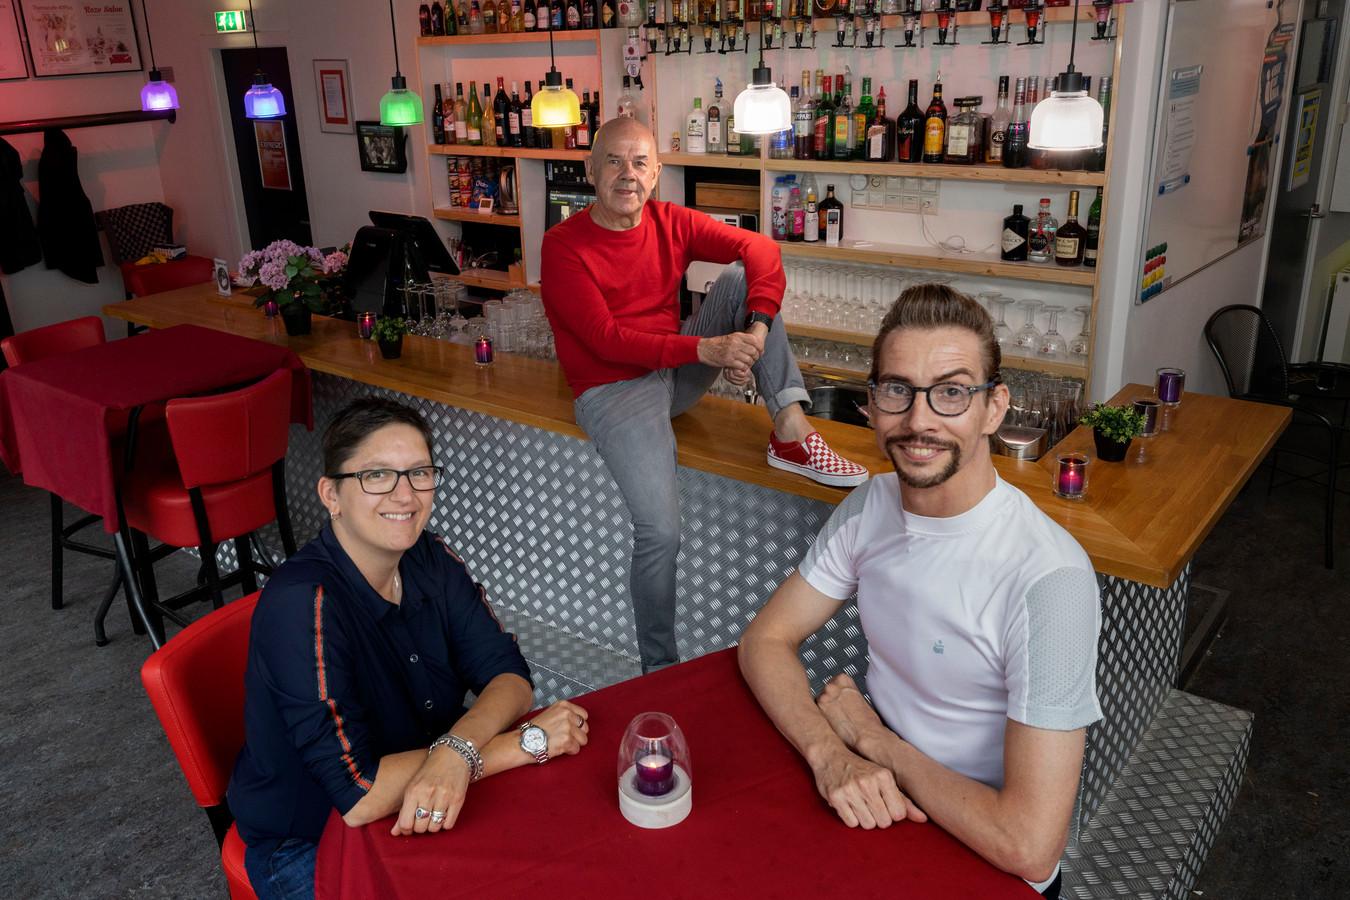 Bestuursleden Bianca van Kaathoven, Ivar Voets en Hans van Winkel (midden) van COC Eindhoven.